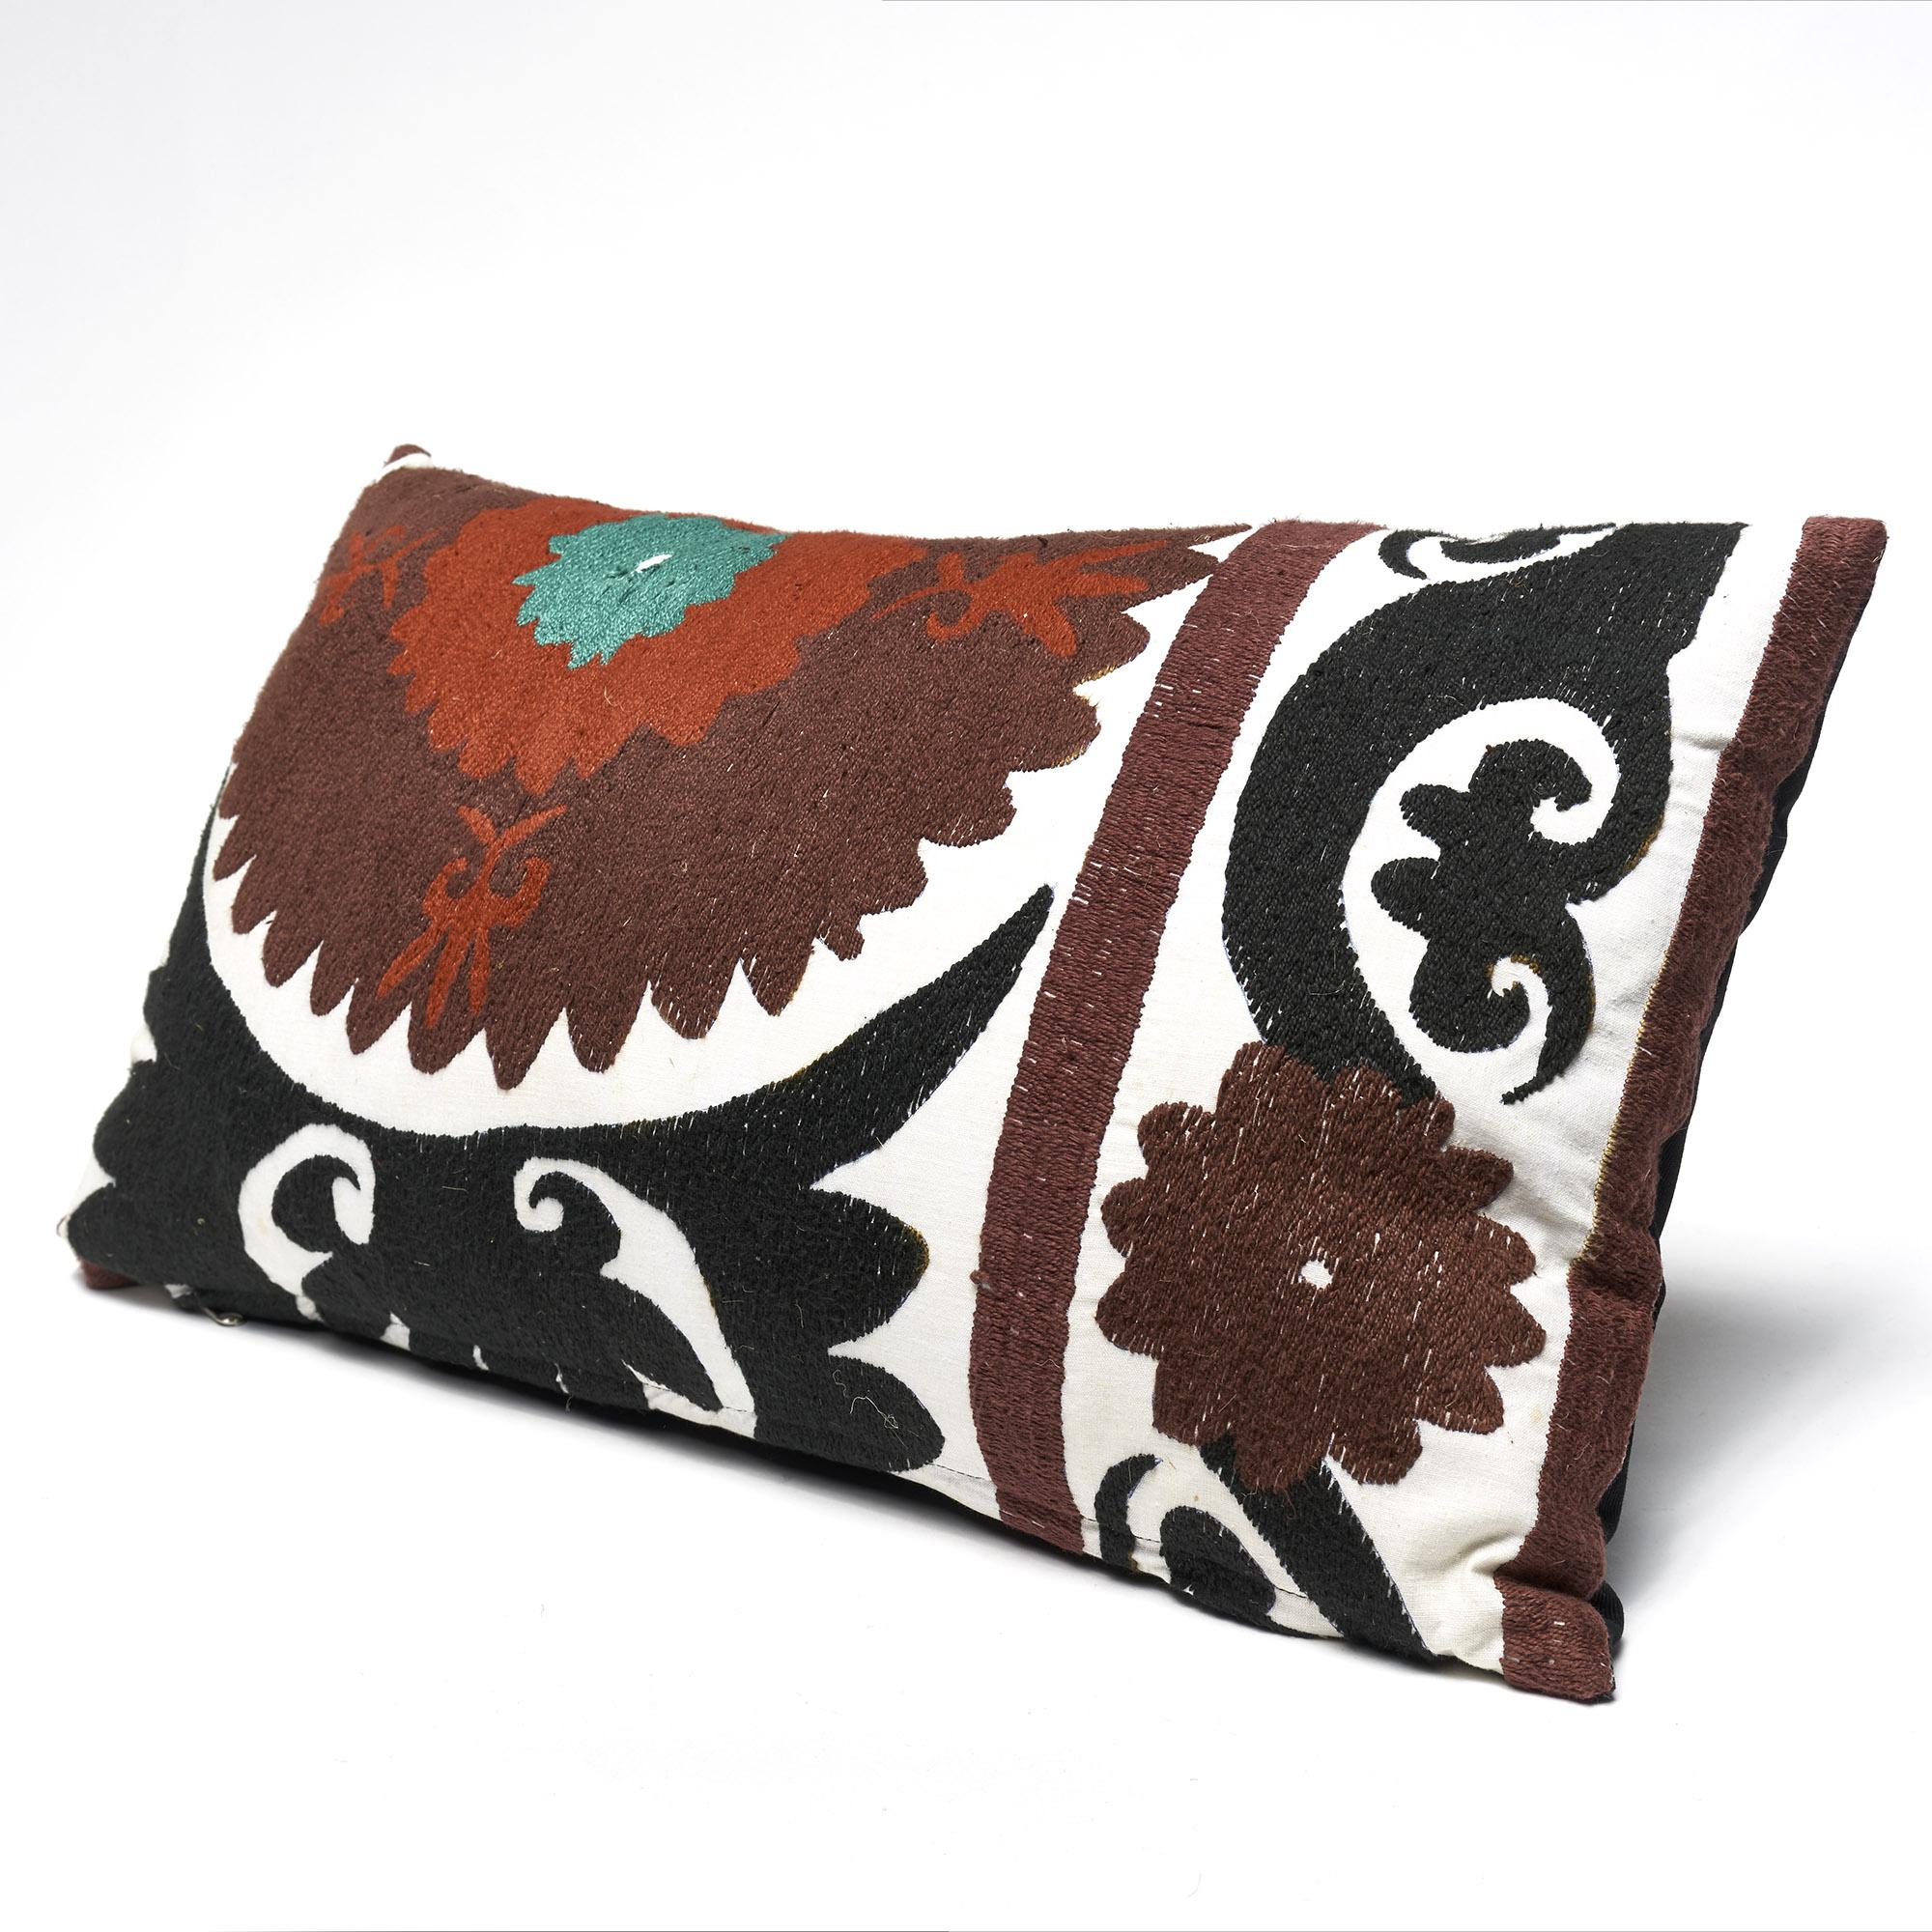 SALE! Almohadón Suzani rectangular bordado a mano,  negro rojo blanco y verde